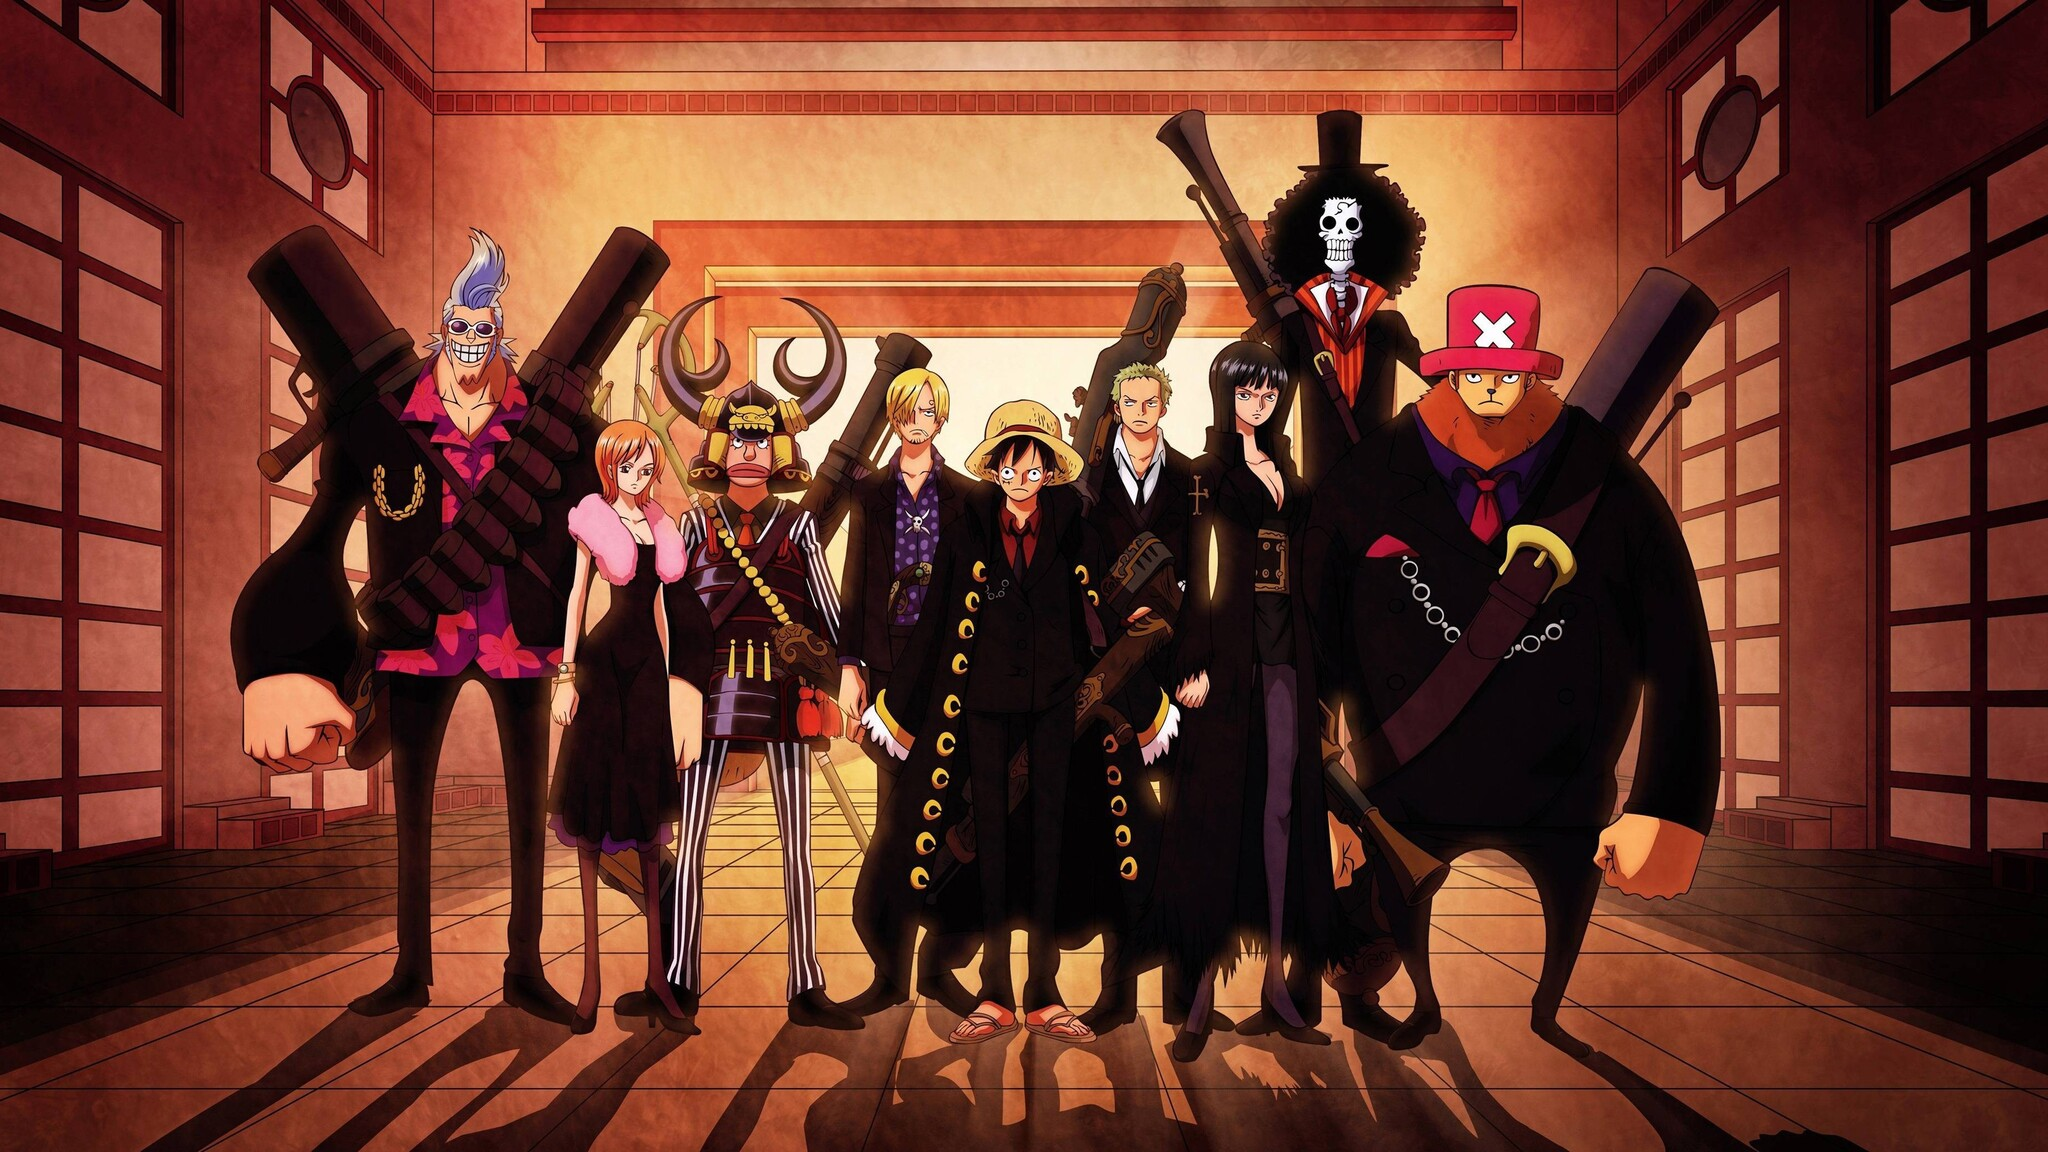 2048x1152 One Piece Anime 2048x1152 Resolution HD 4k ...